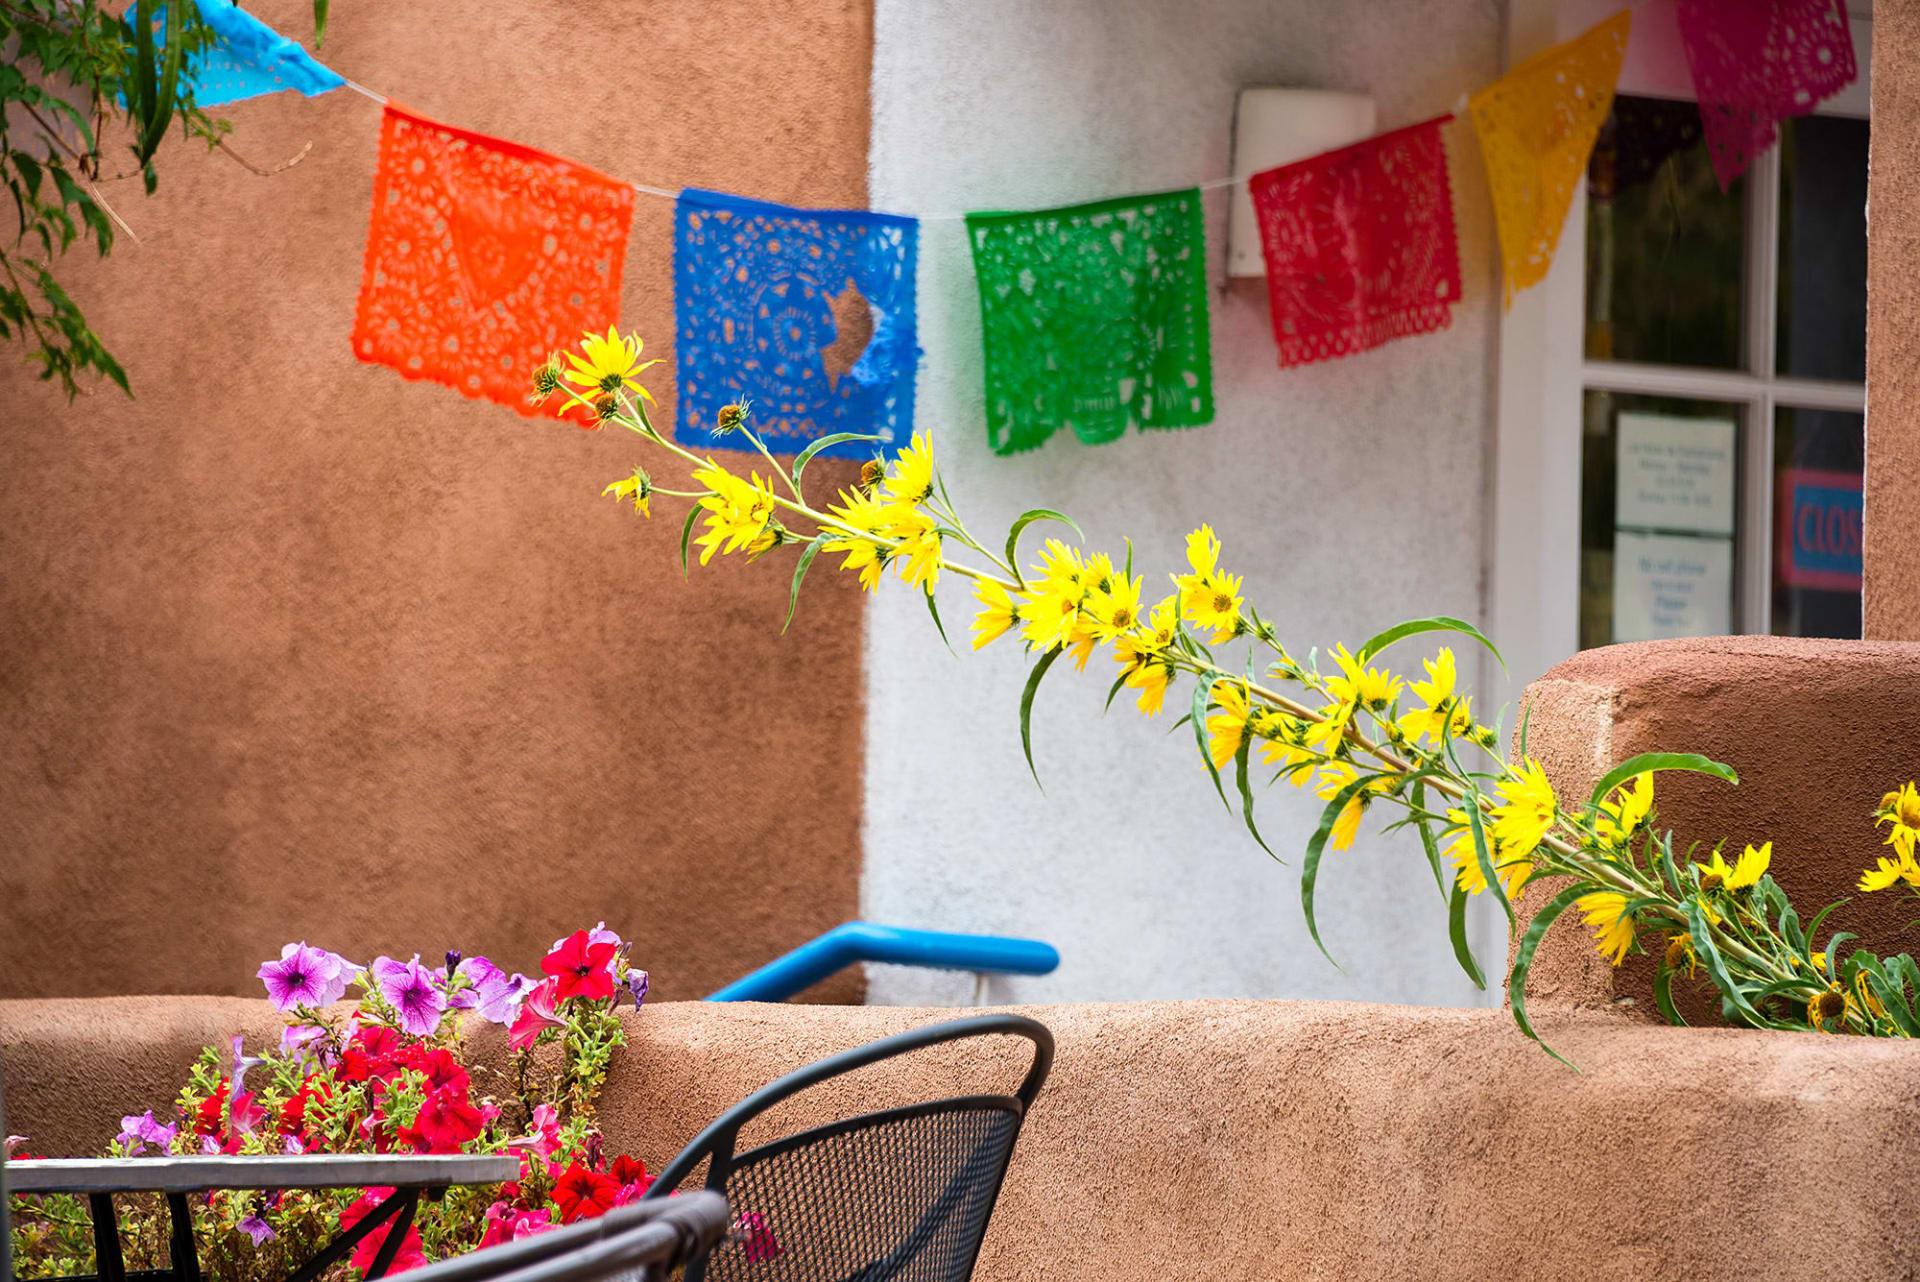 Santa Fe Lifestyle image